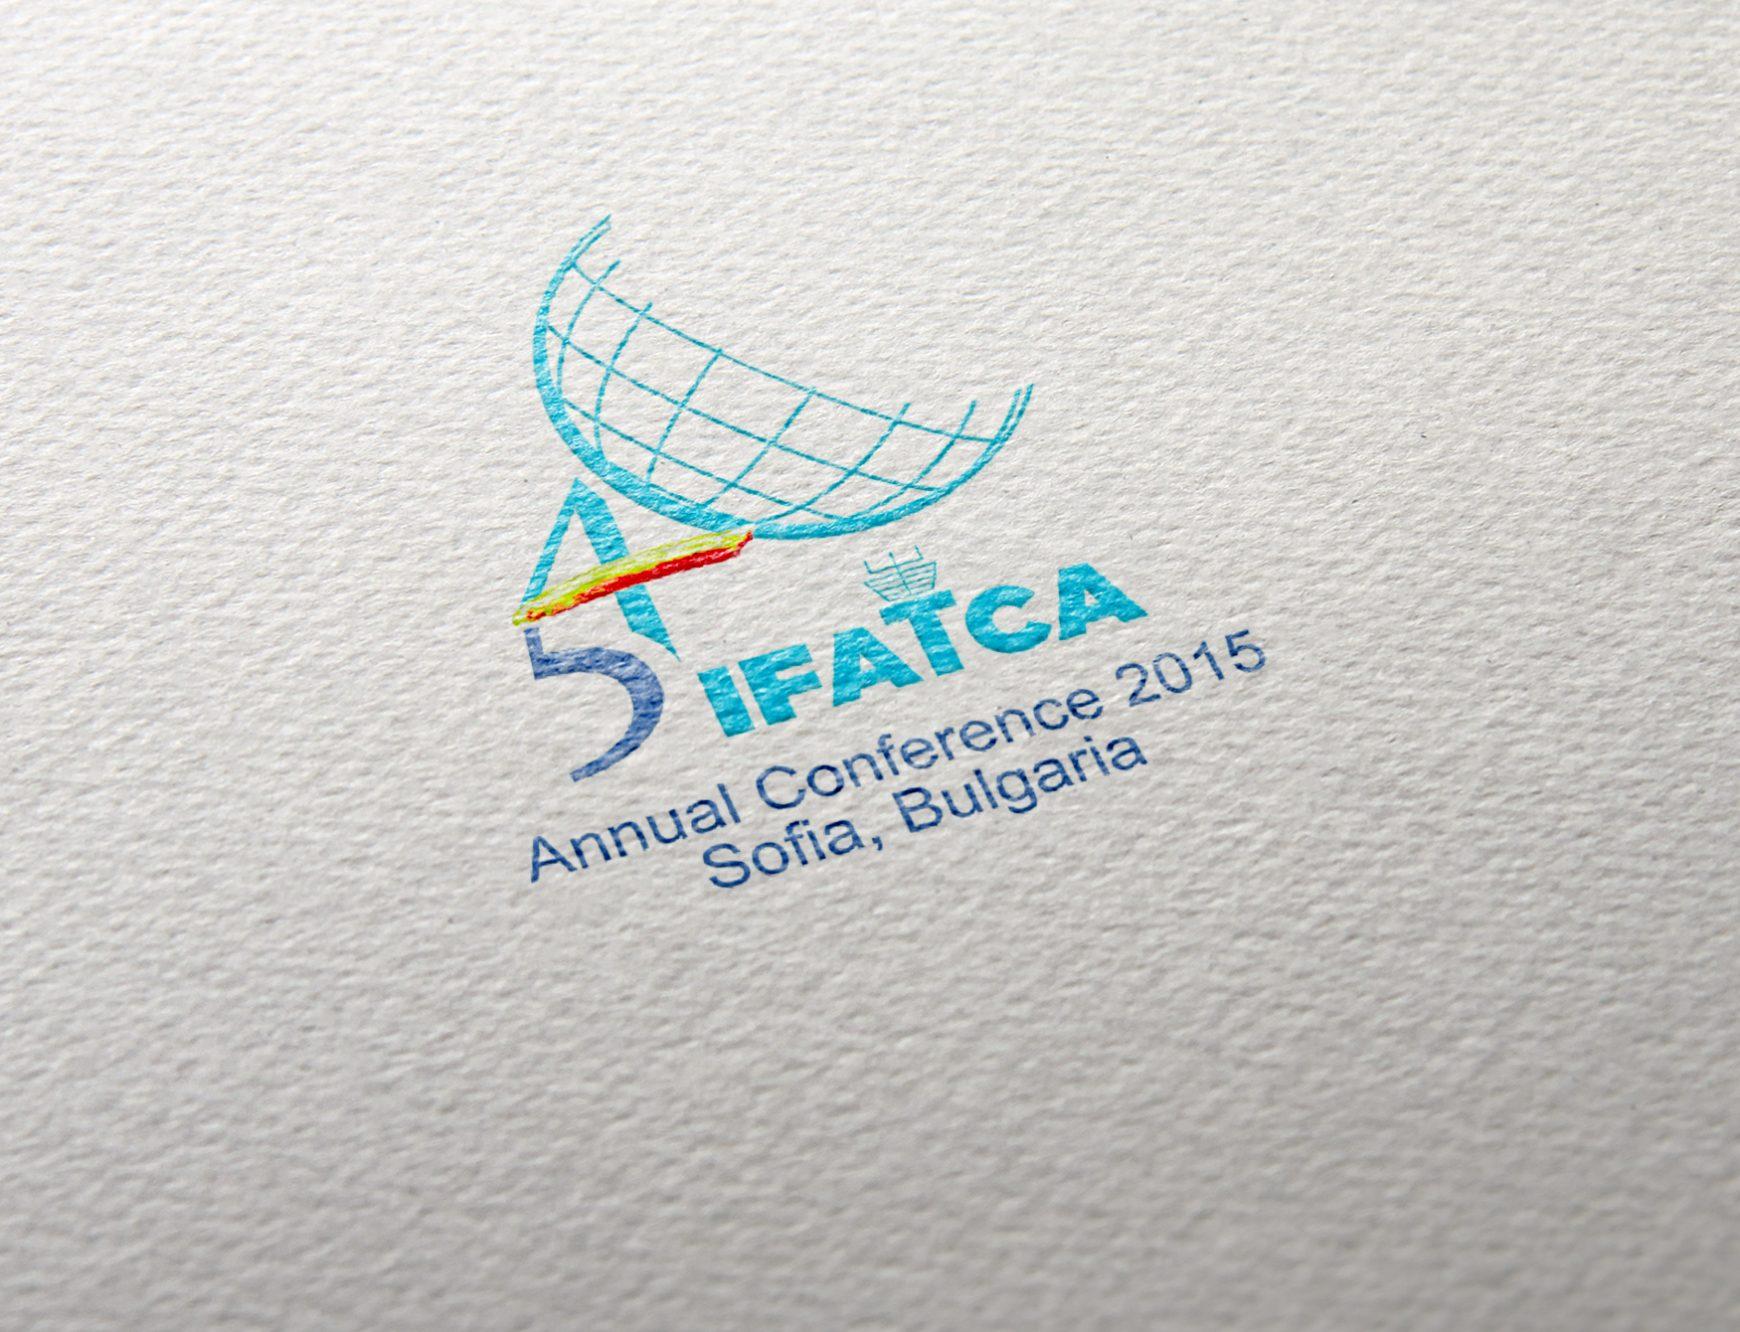 Logo for IFATCA